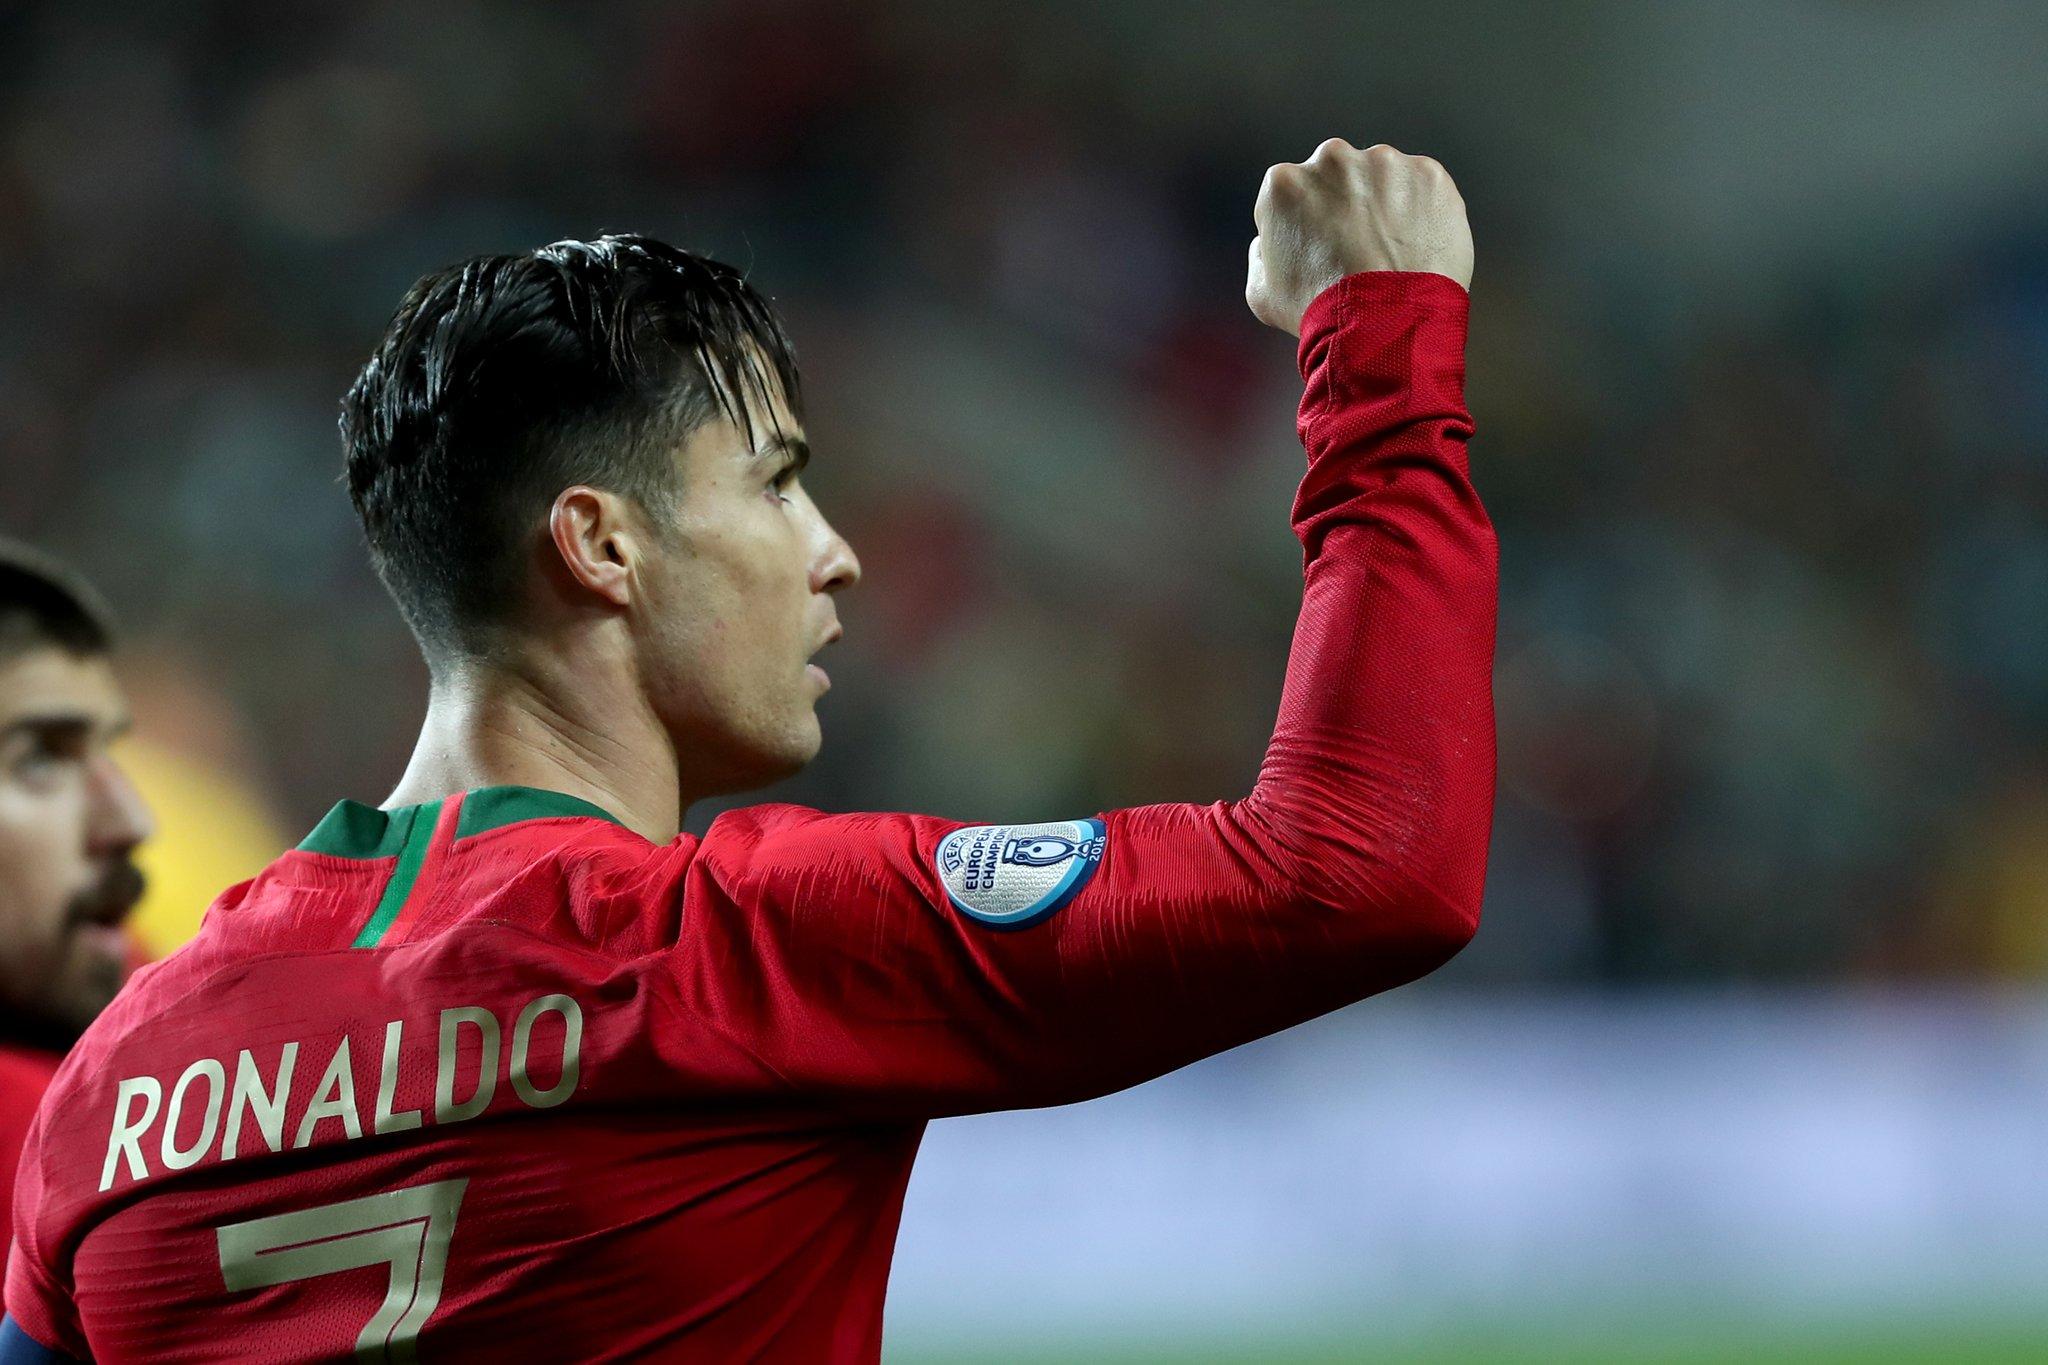 VIDEO/ Ronaldo fantastik, shënon një tjetër supergol për Portugalinë!